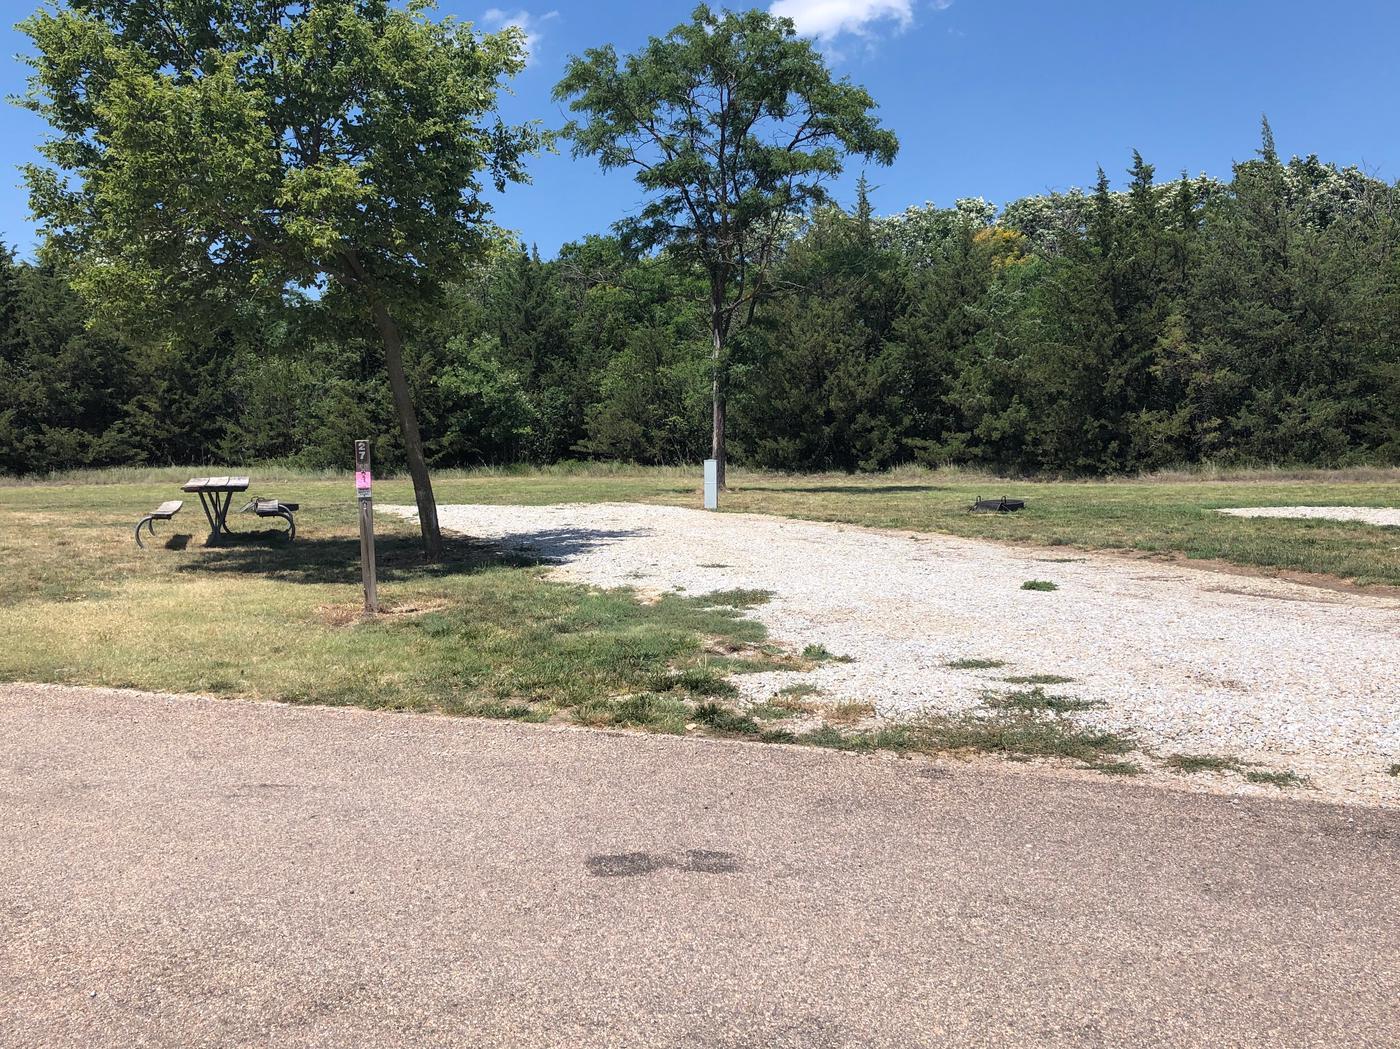 Campsite Site 27